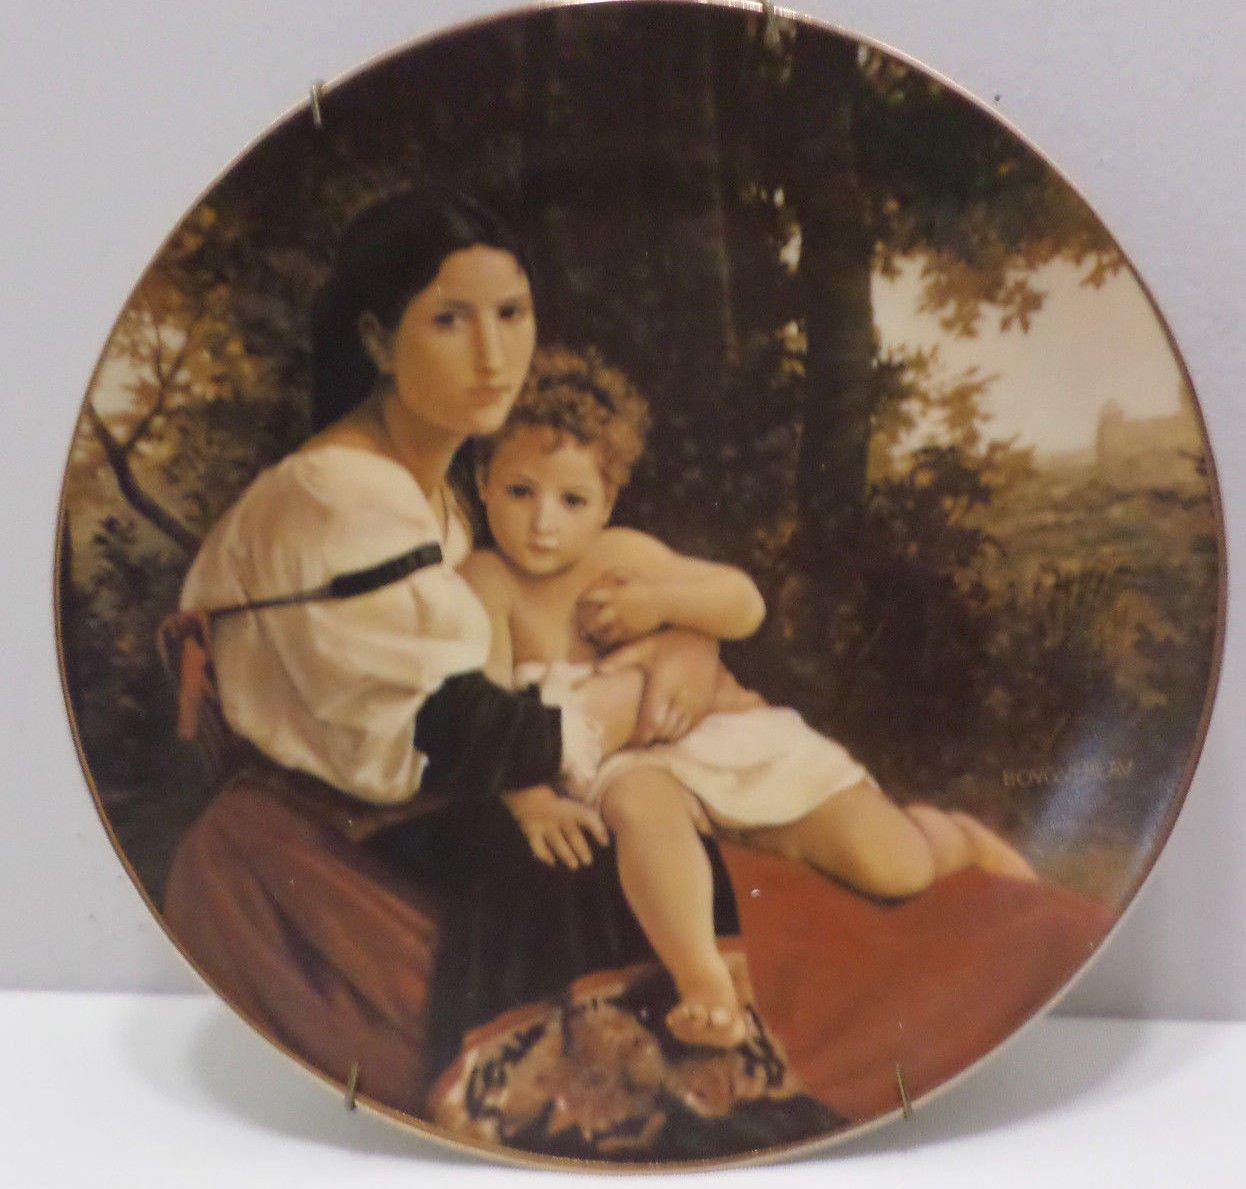 1979 Collector Plate Solance Et Enfant by William Bouguereau #07804